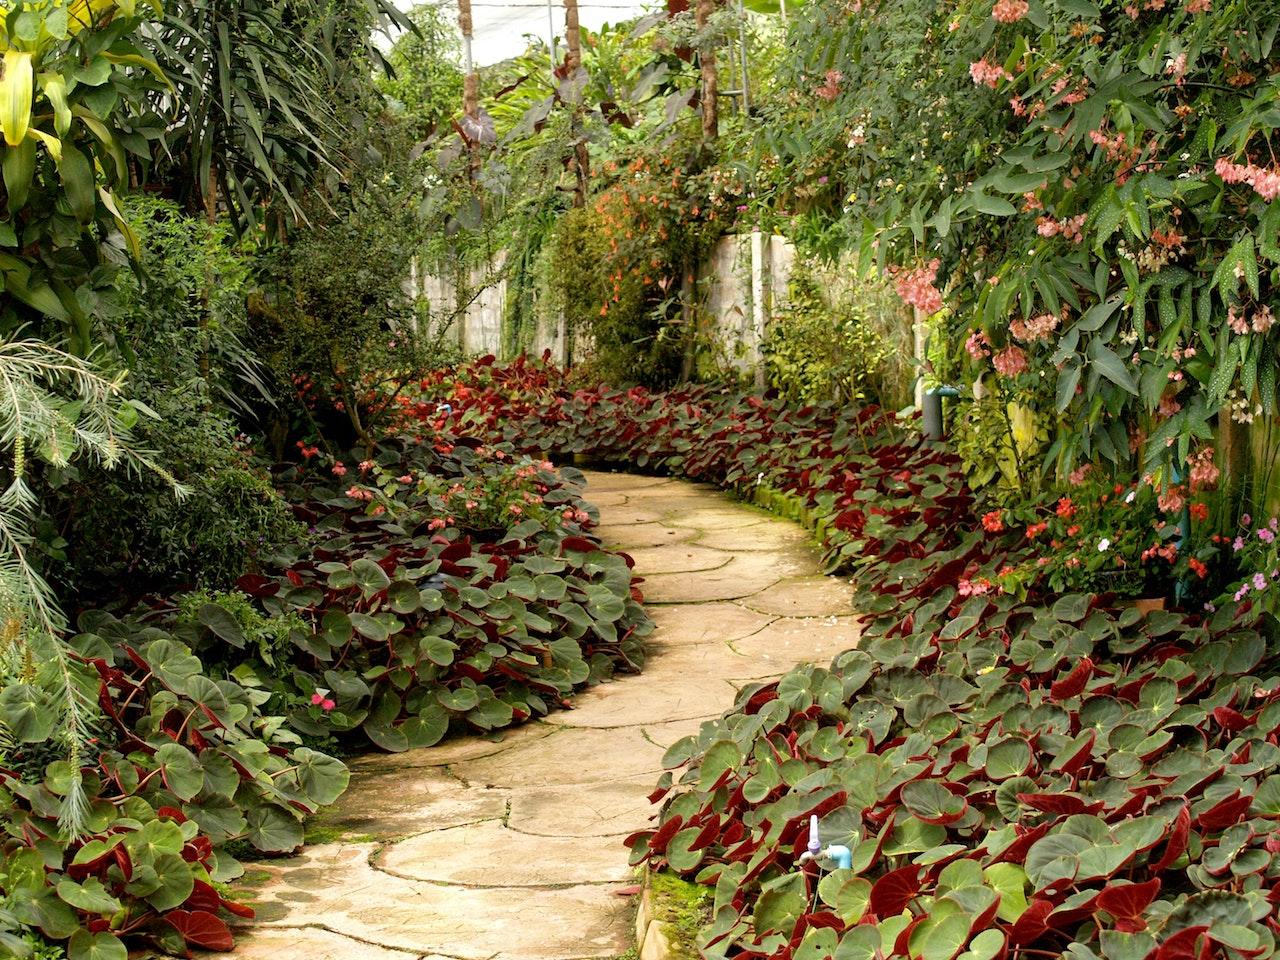 Wybieramy sklep ogrodniczy – na co zwrócić uwagę? - Zdjęcie główne